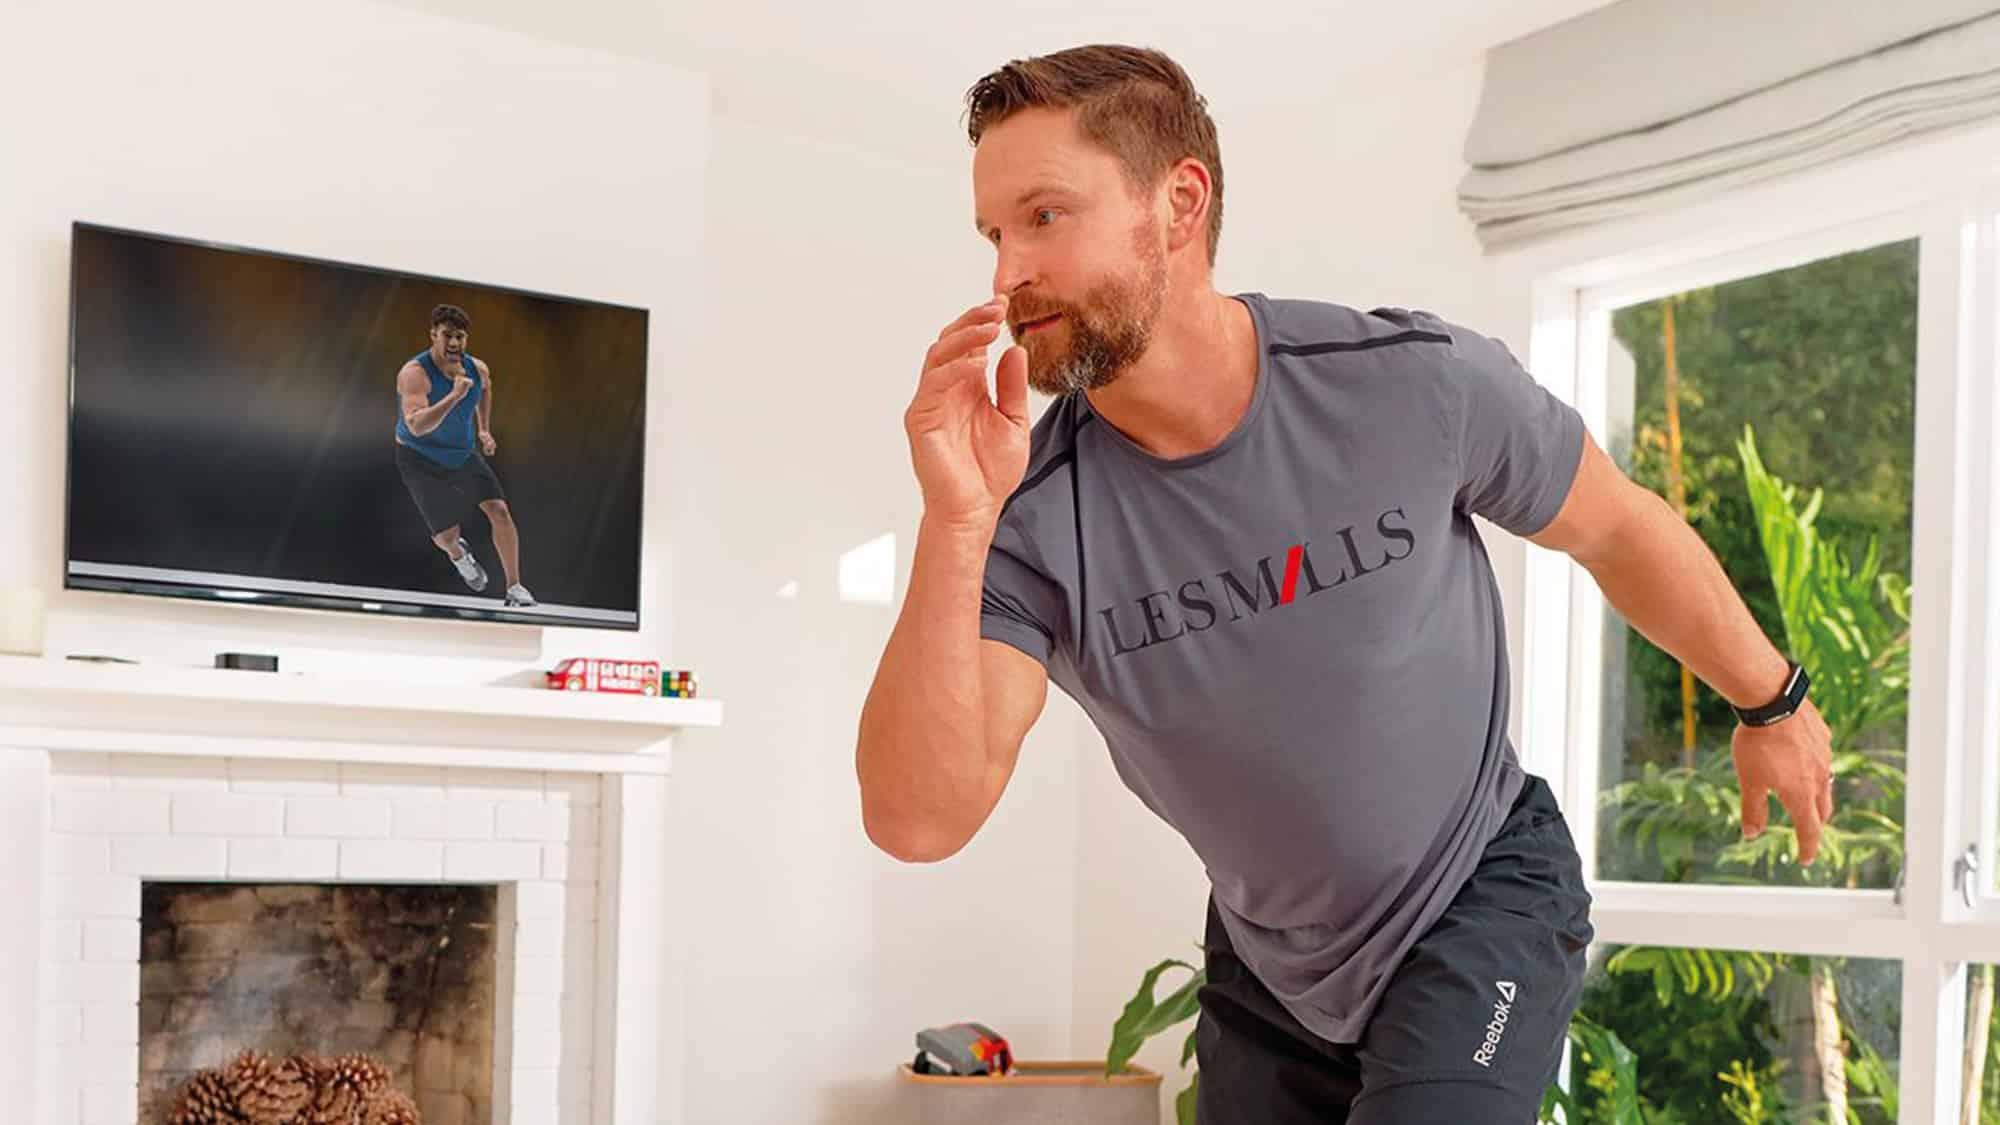 Les 7 incontournables pour maximiser l'impact de vos cours de fitness en Live streaming